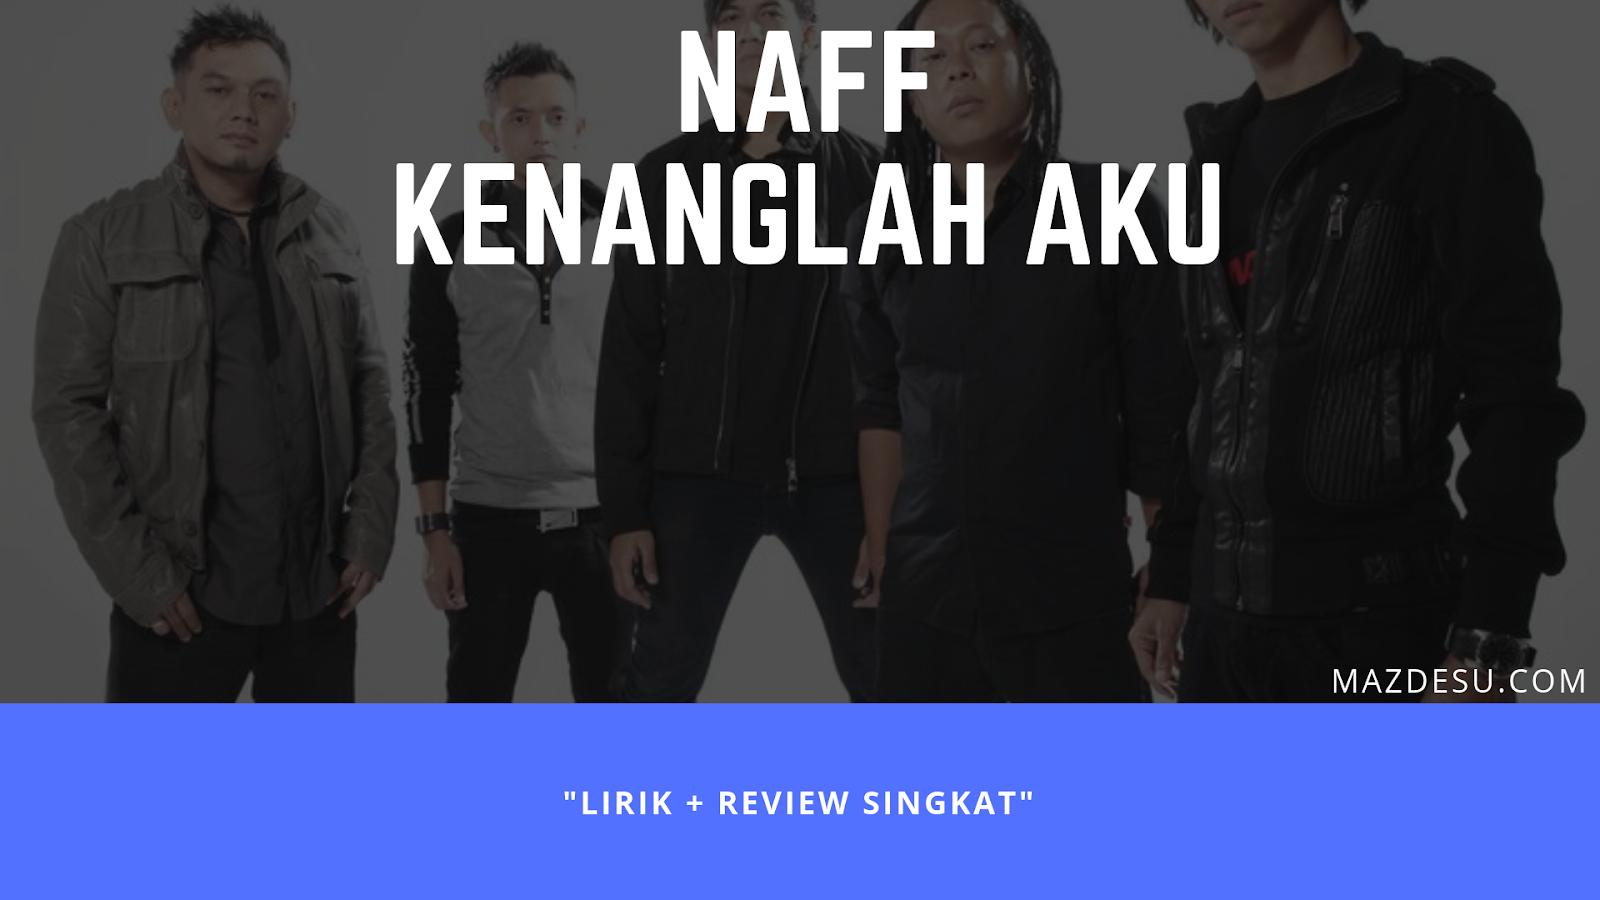 Naff - Kenanglah Aku Lirik Lagu + Review